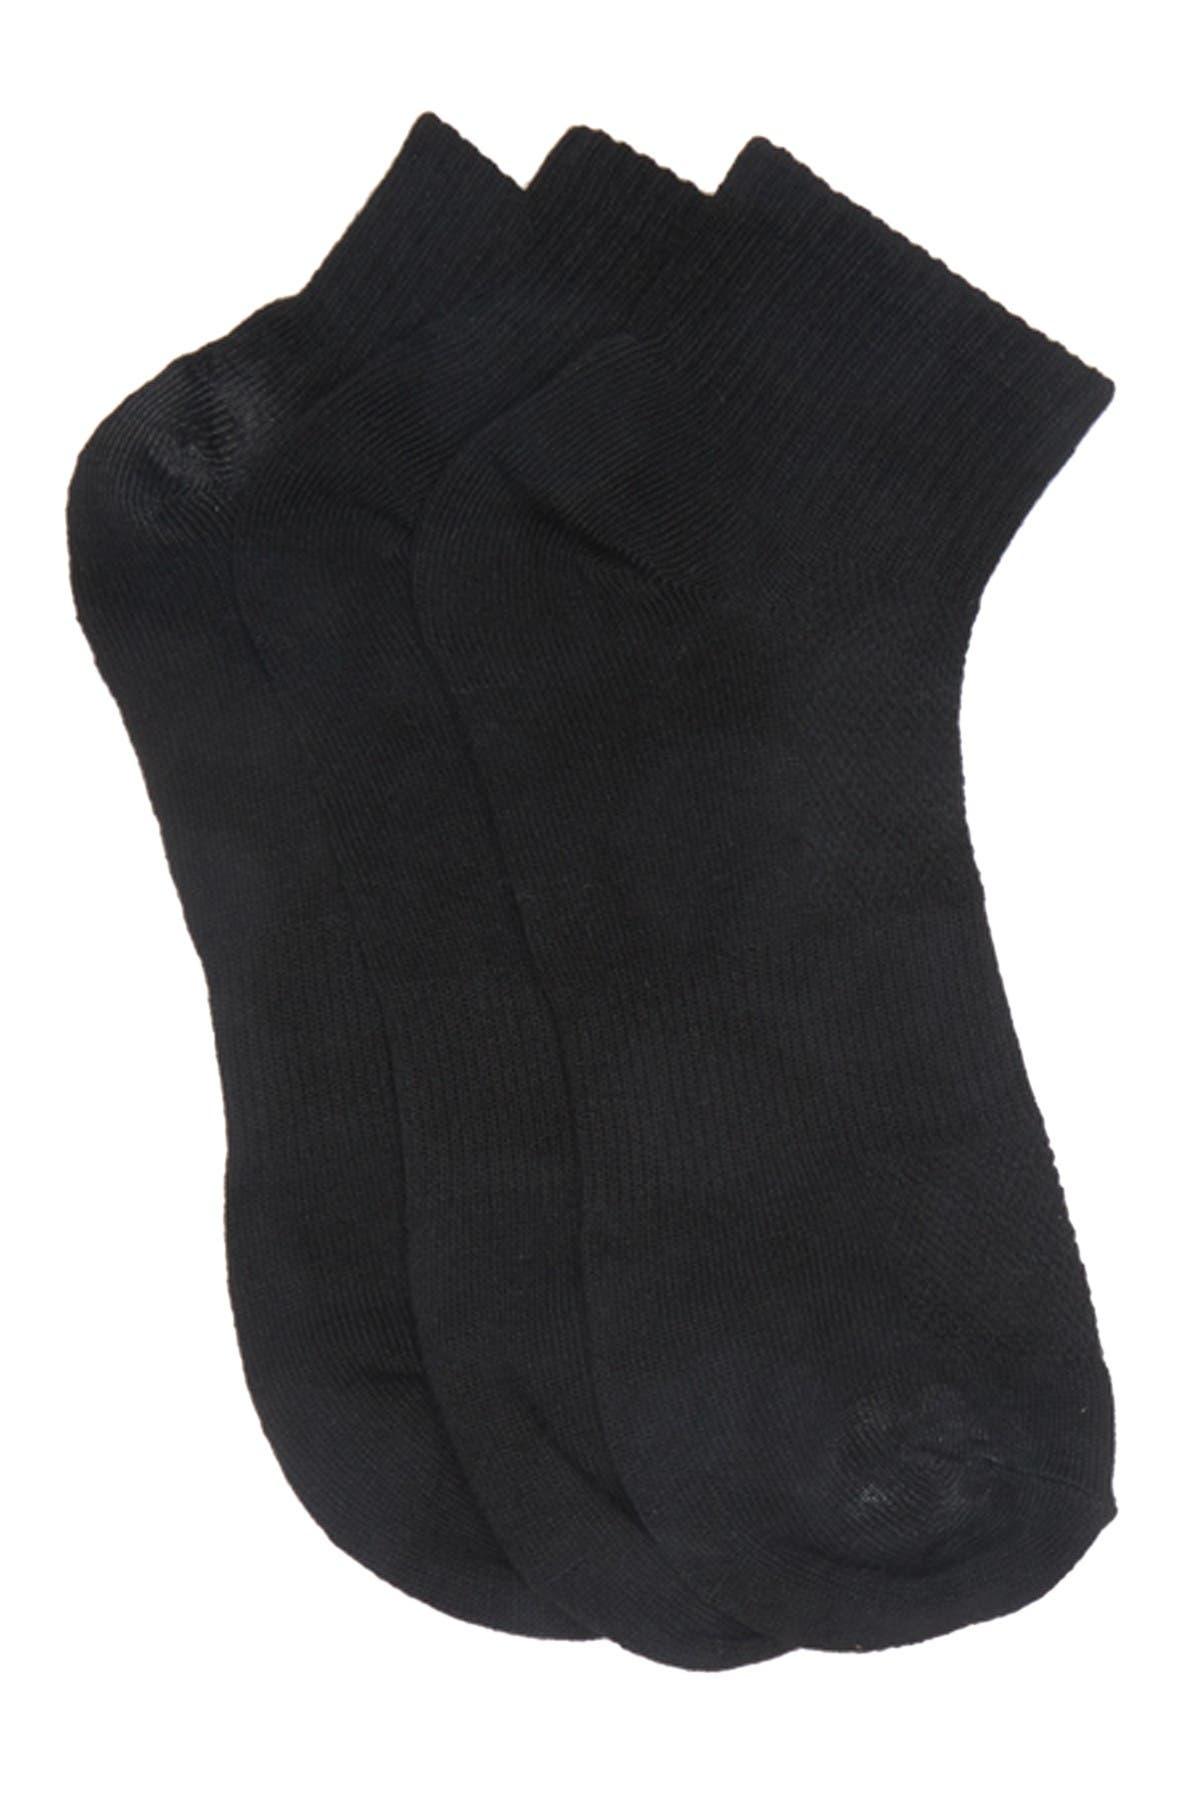 Image of Carlos Santana Quarter Socks - Pack of 6